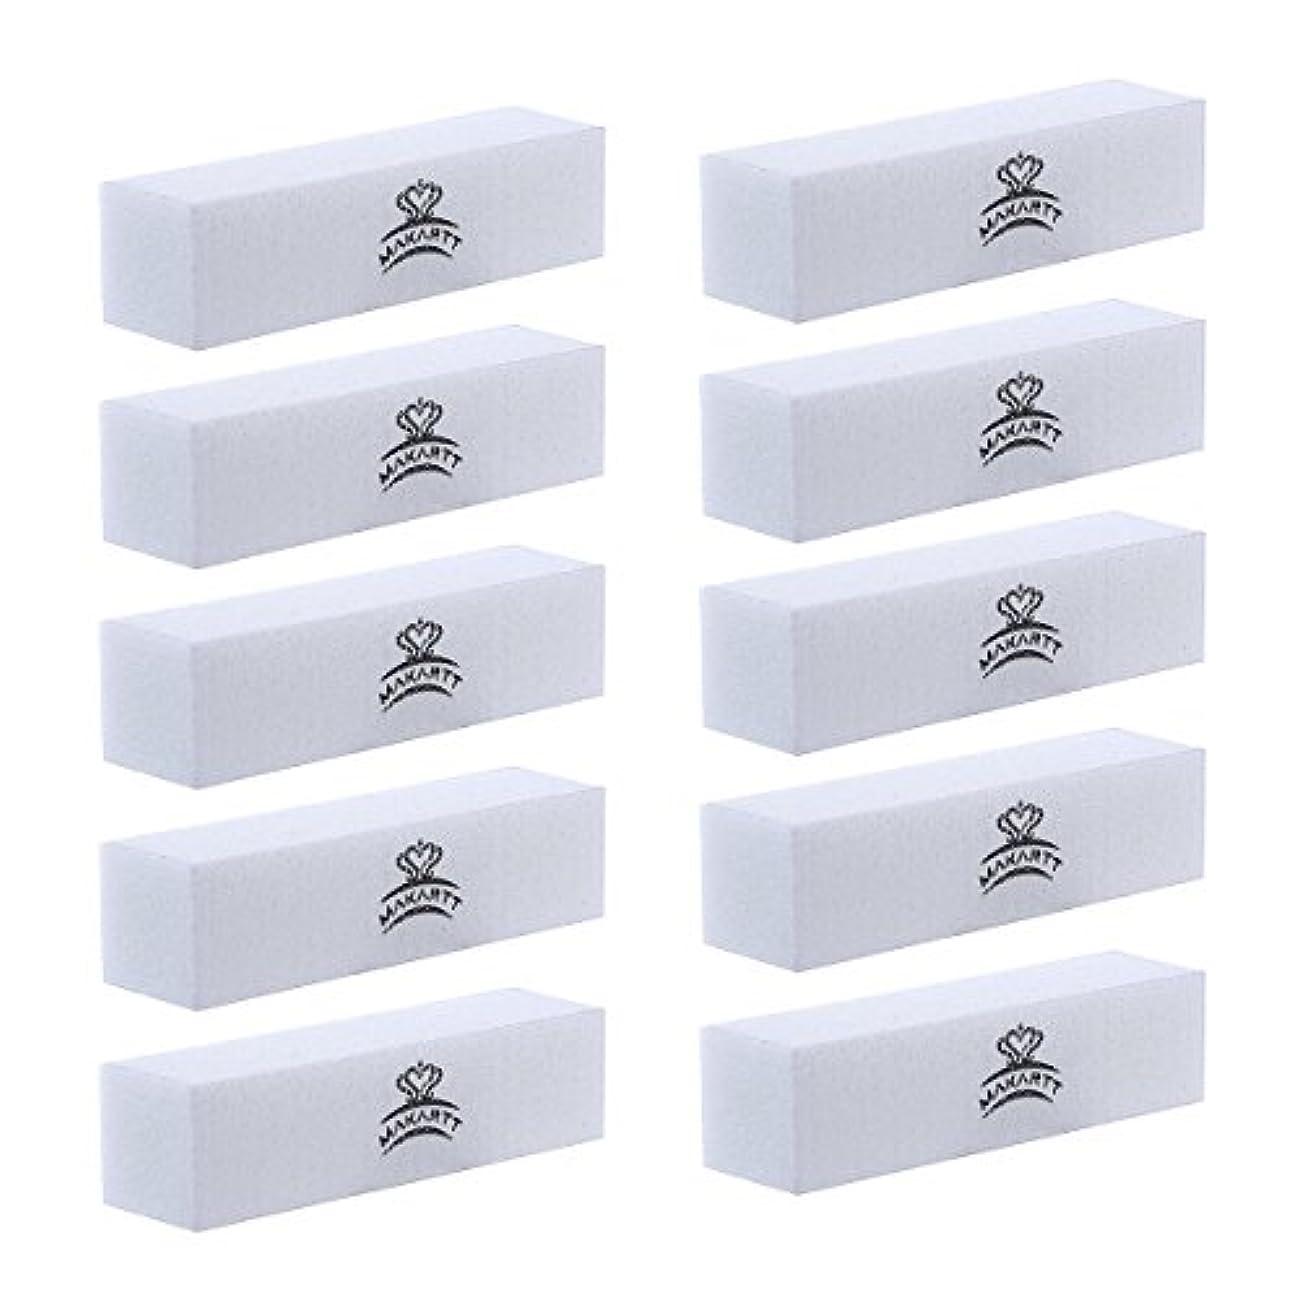 ワイド後者組み込むMAKARTT スポンジバッファー ブロックネイルバッファー 爪磨き スポンジネイルファイル マニキュアツール ネイルケア用 メンズ兼用 (ホワイト)